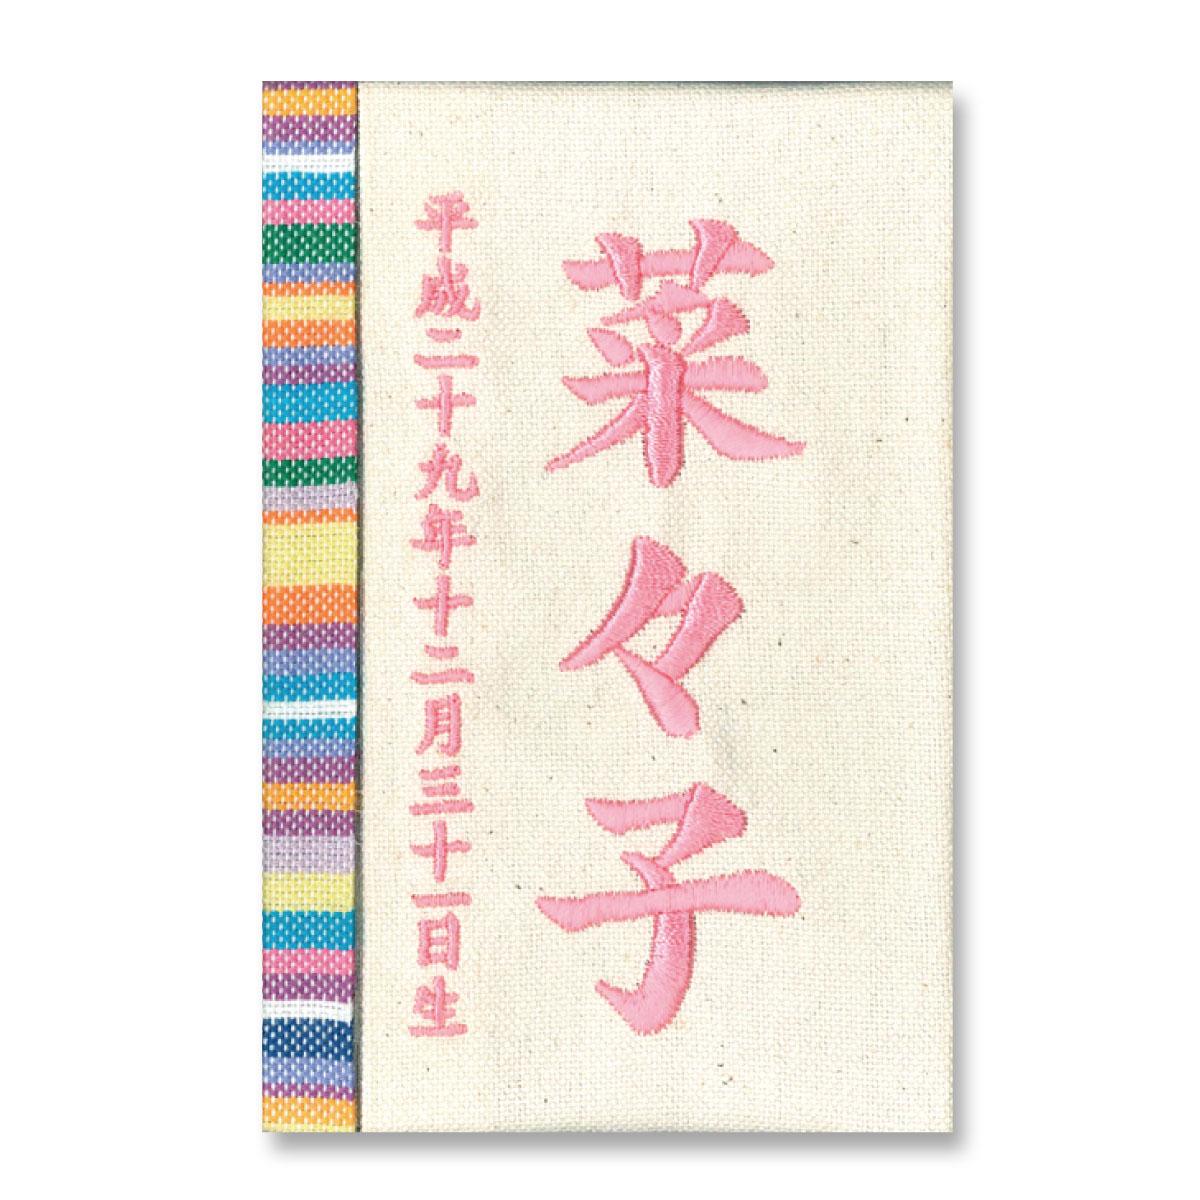 名入れ木札 彩葉 いろは(綿 キコイ)刺繍名入れ TPT-601-006 名前入れ 立て札 徳永鯉のぼり